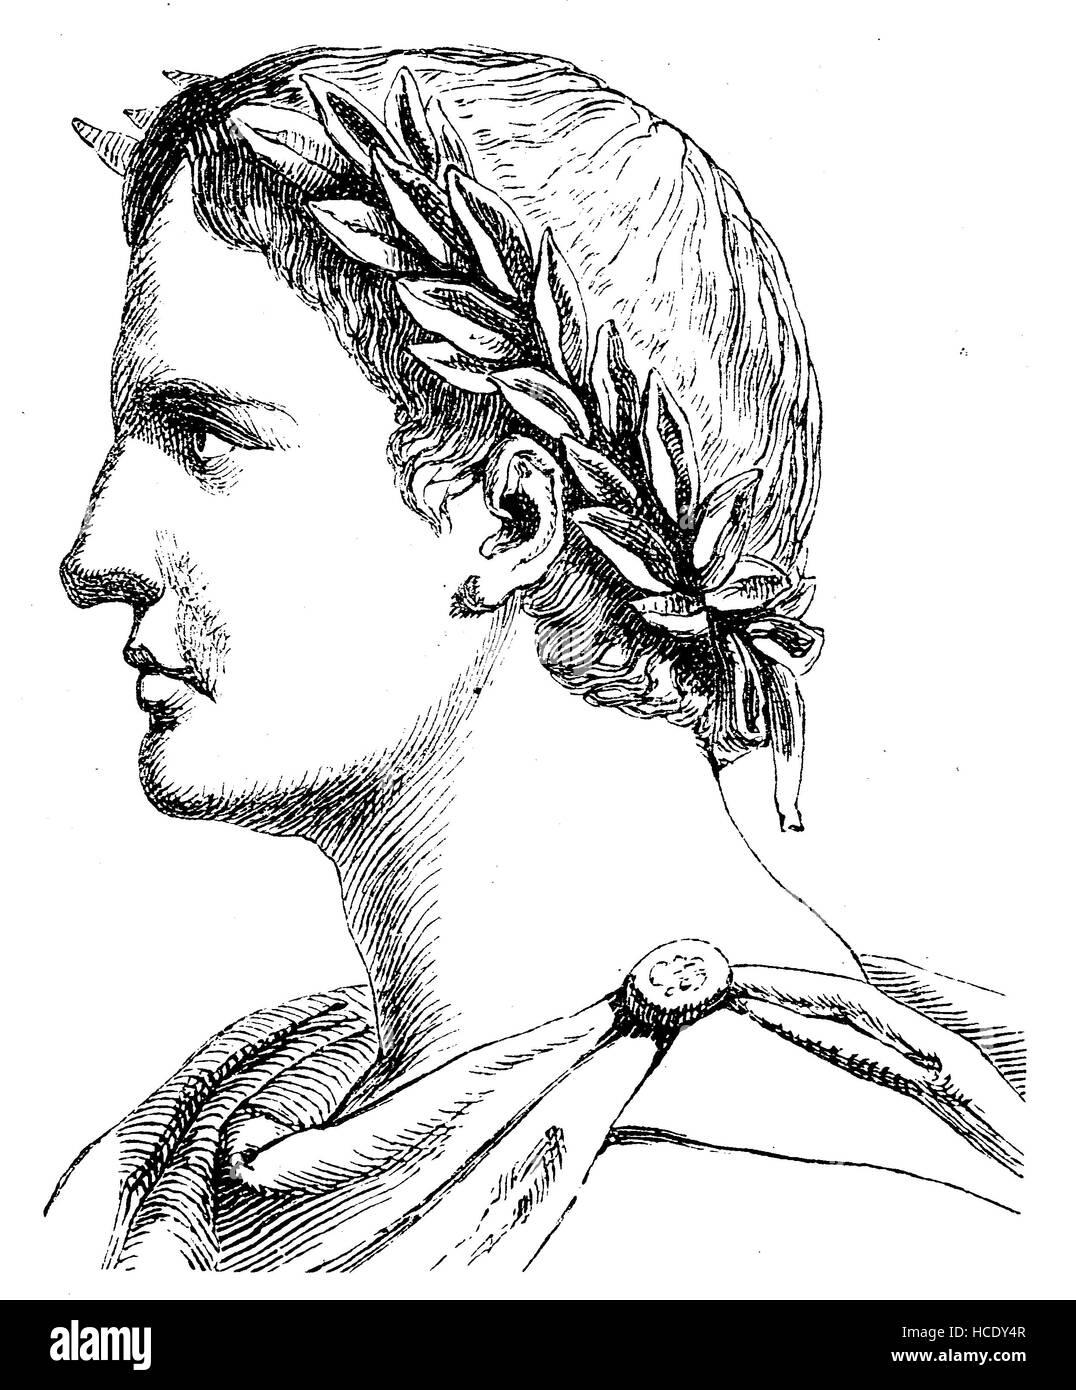 Publius Ovidius Naso, war 43 BC - AD 17/18, bekannt als Ovid, ein römischer Dichter, die Geschichte des antiken Stockfoto